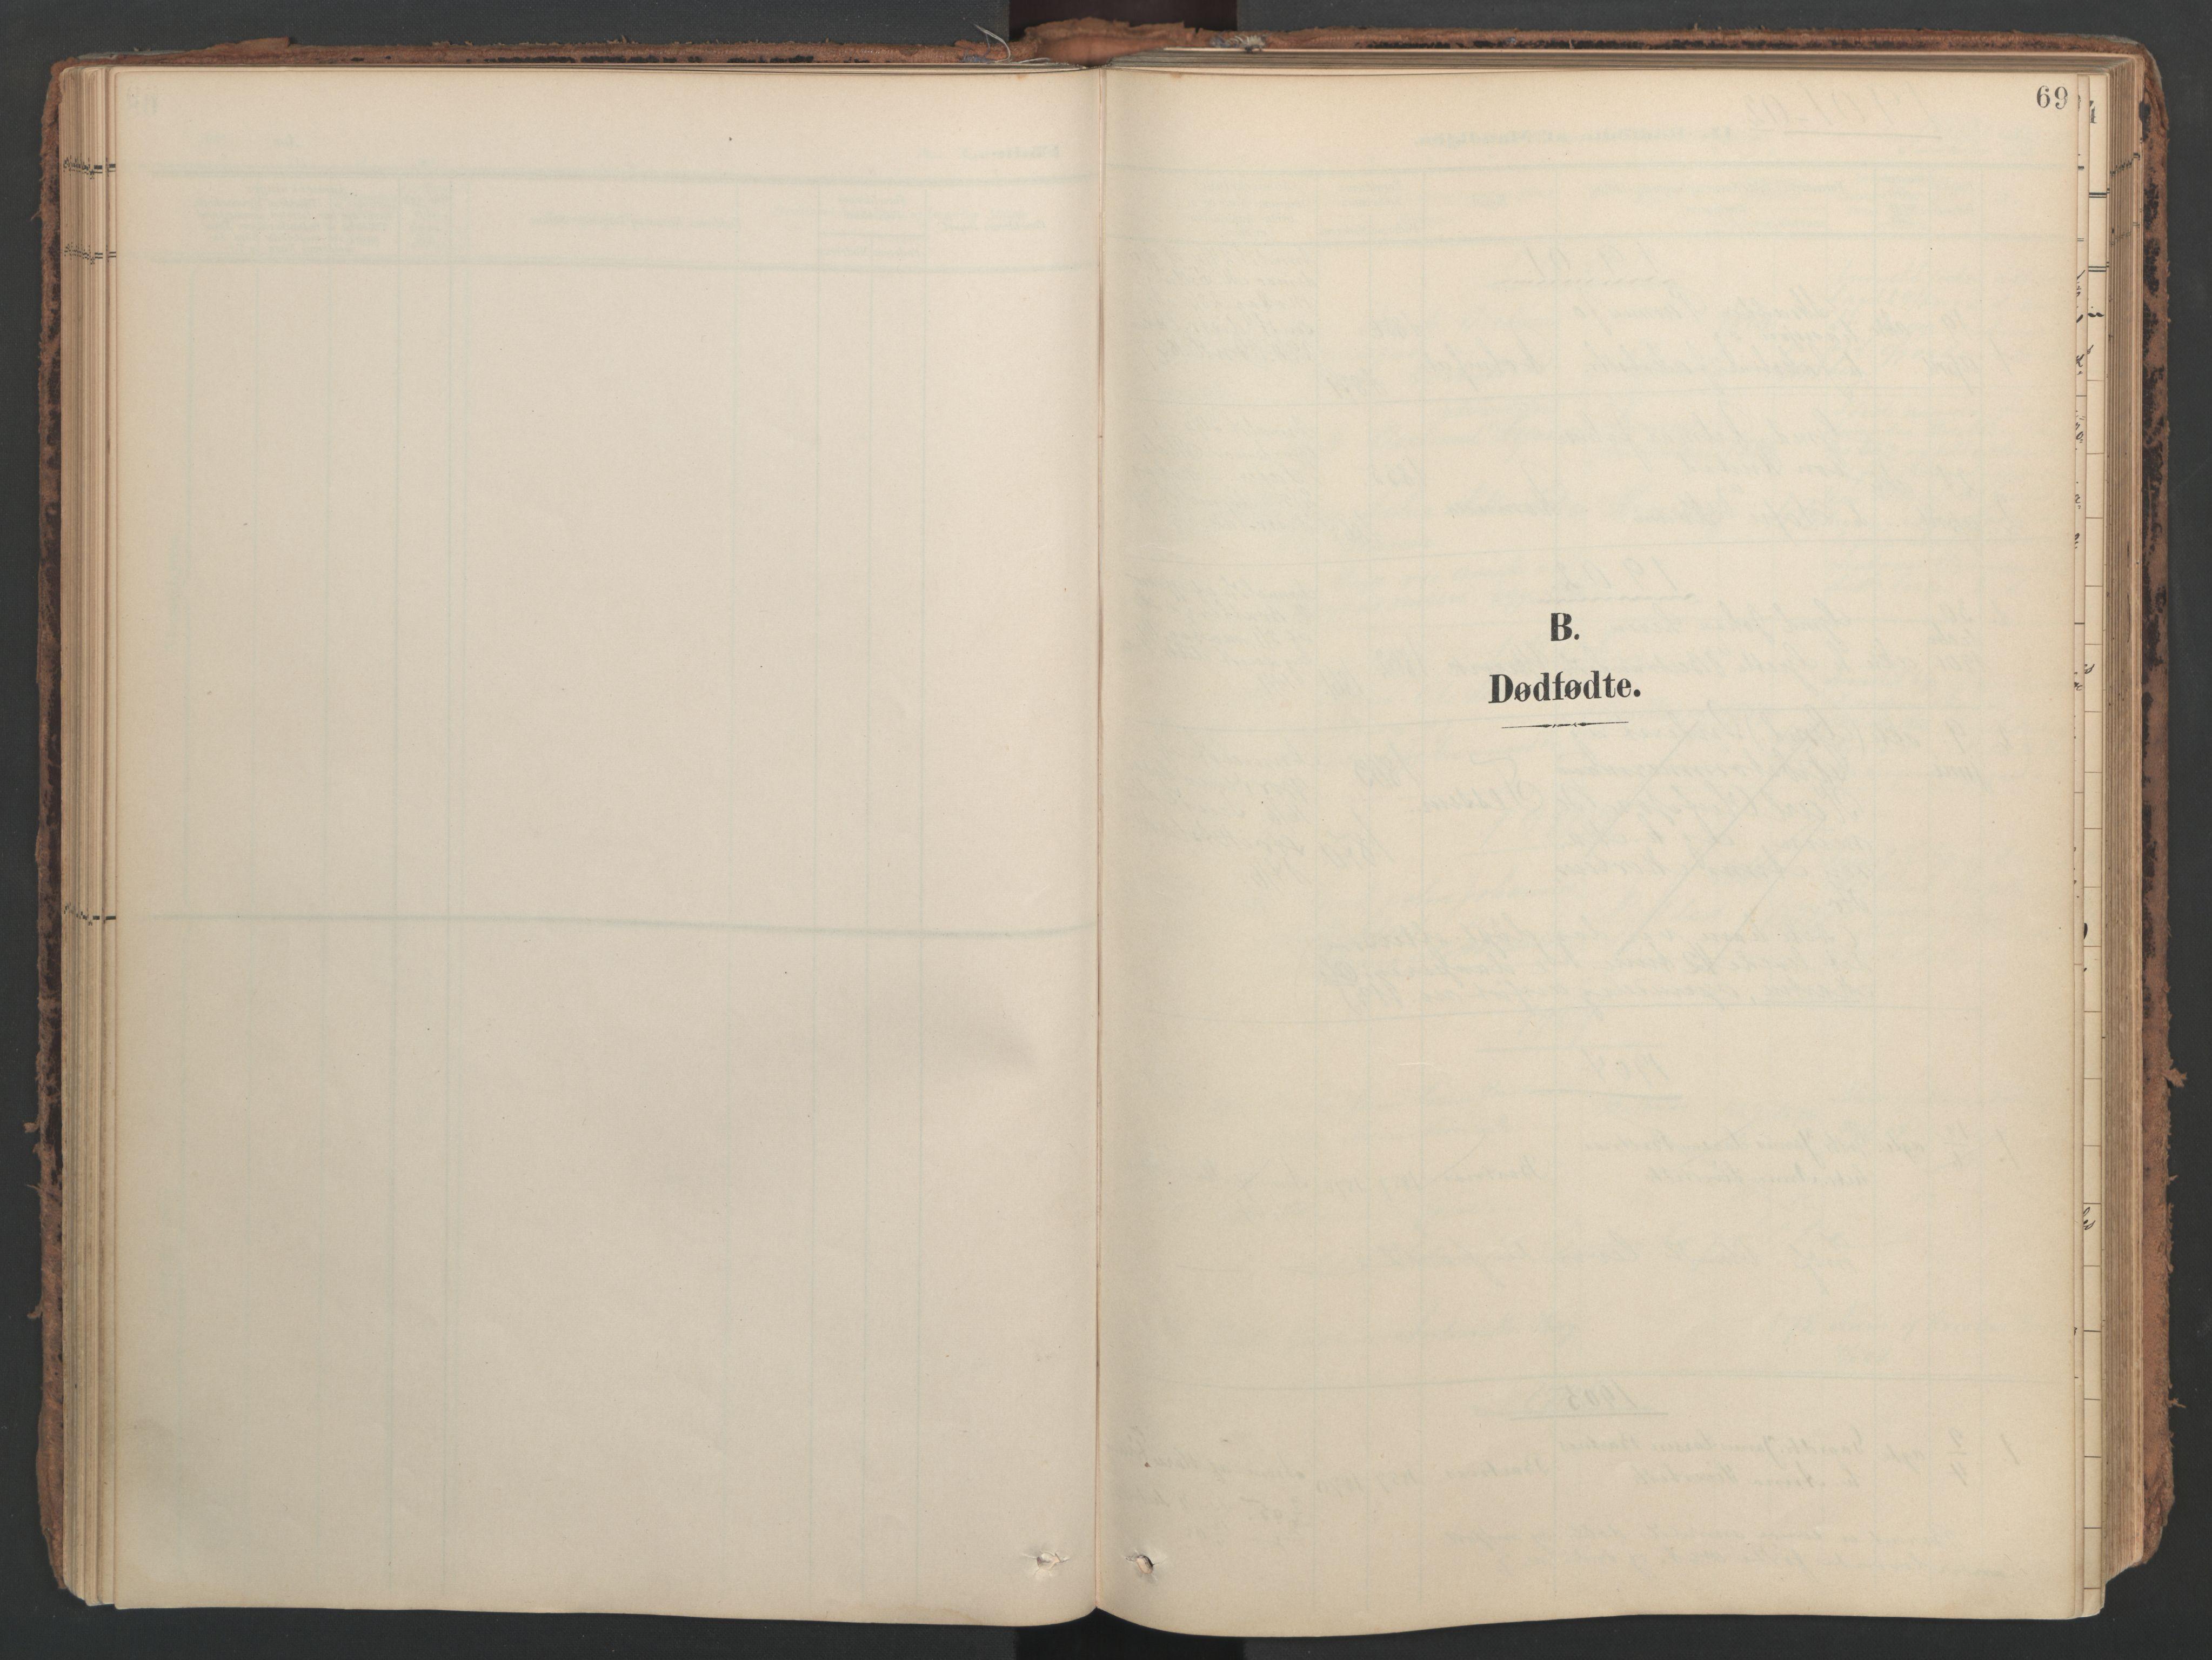 SAT, Ministerialprotokoller, klokkerbøker og fødselsregistre - Nord-Trøndelag, 741/L0397: Ministerialbok nr. 741A11, 1901-1911, s. 69